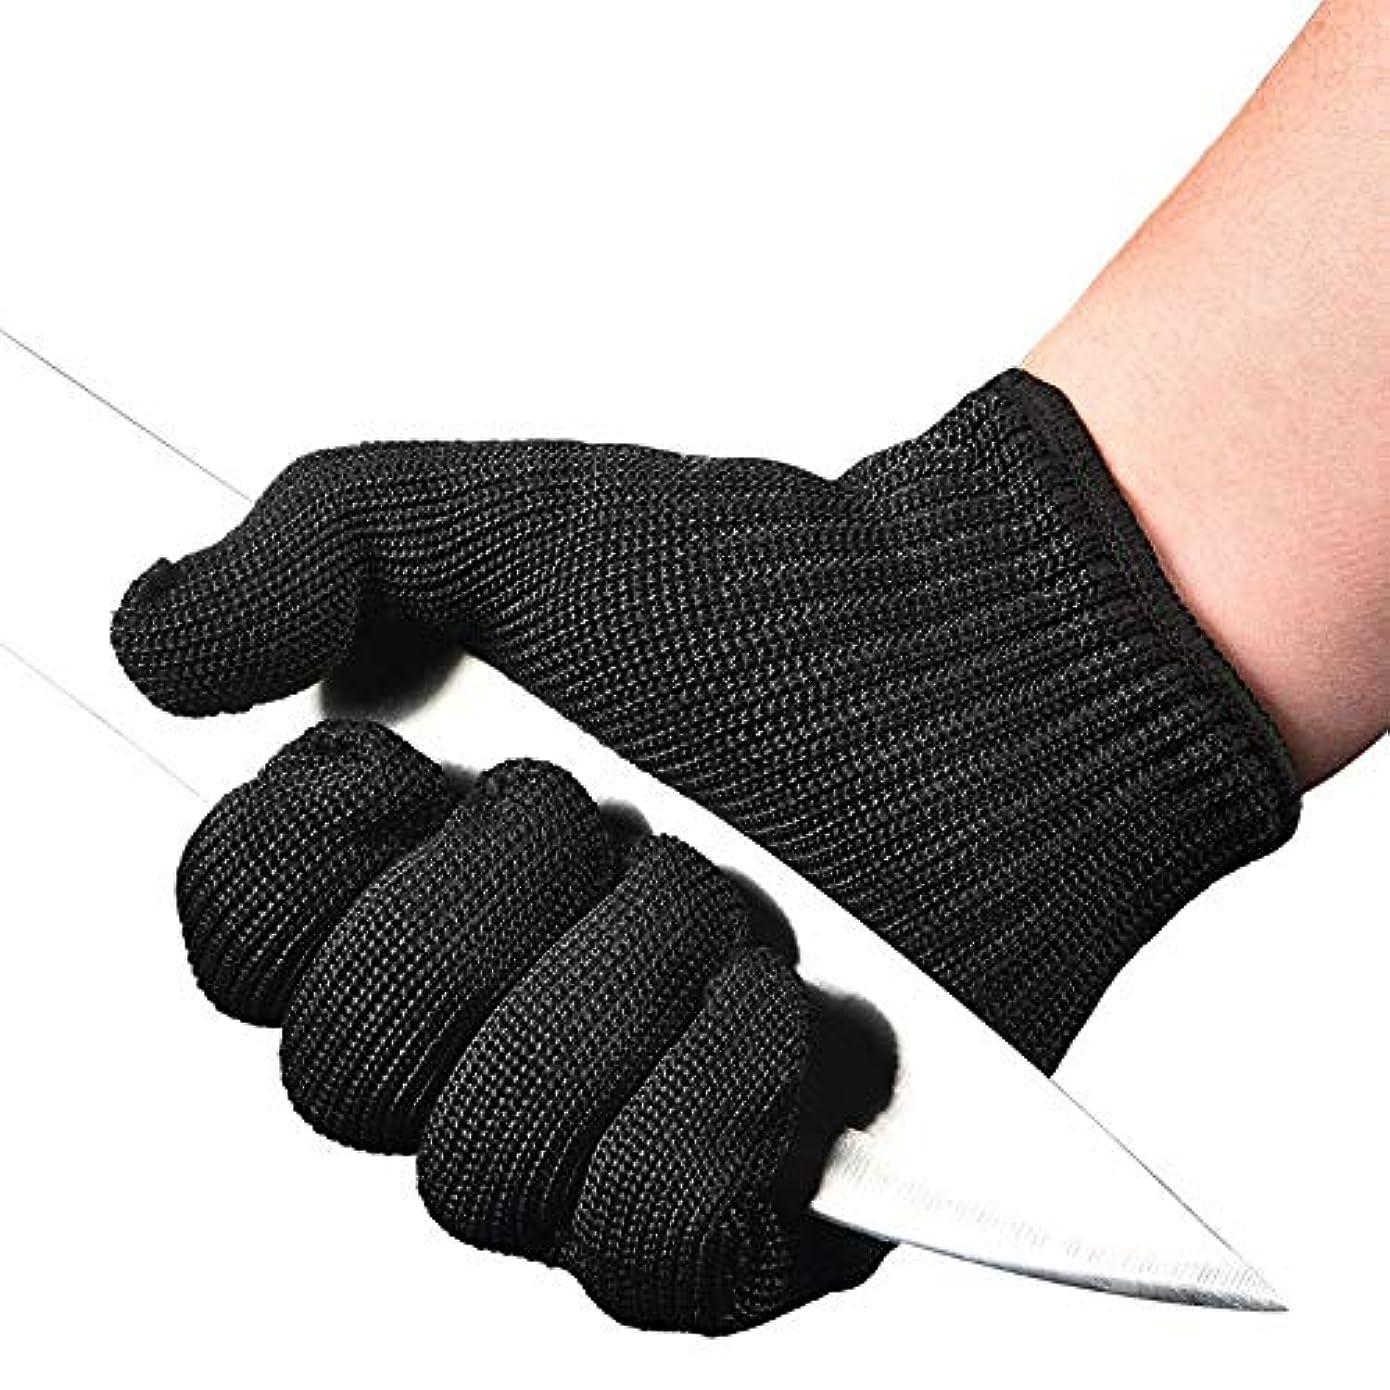 修正するバレーボール独裁1ペアカット耐性の手袋食品グレードレベル5の保護、安全キッチンはオイスターShucking、魚フィレ加工用手袋をカット